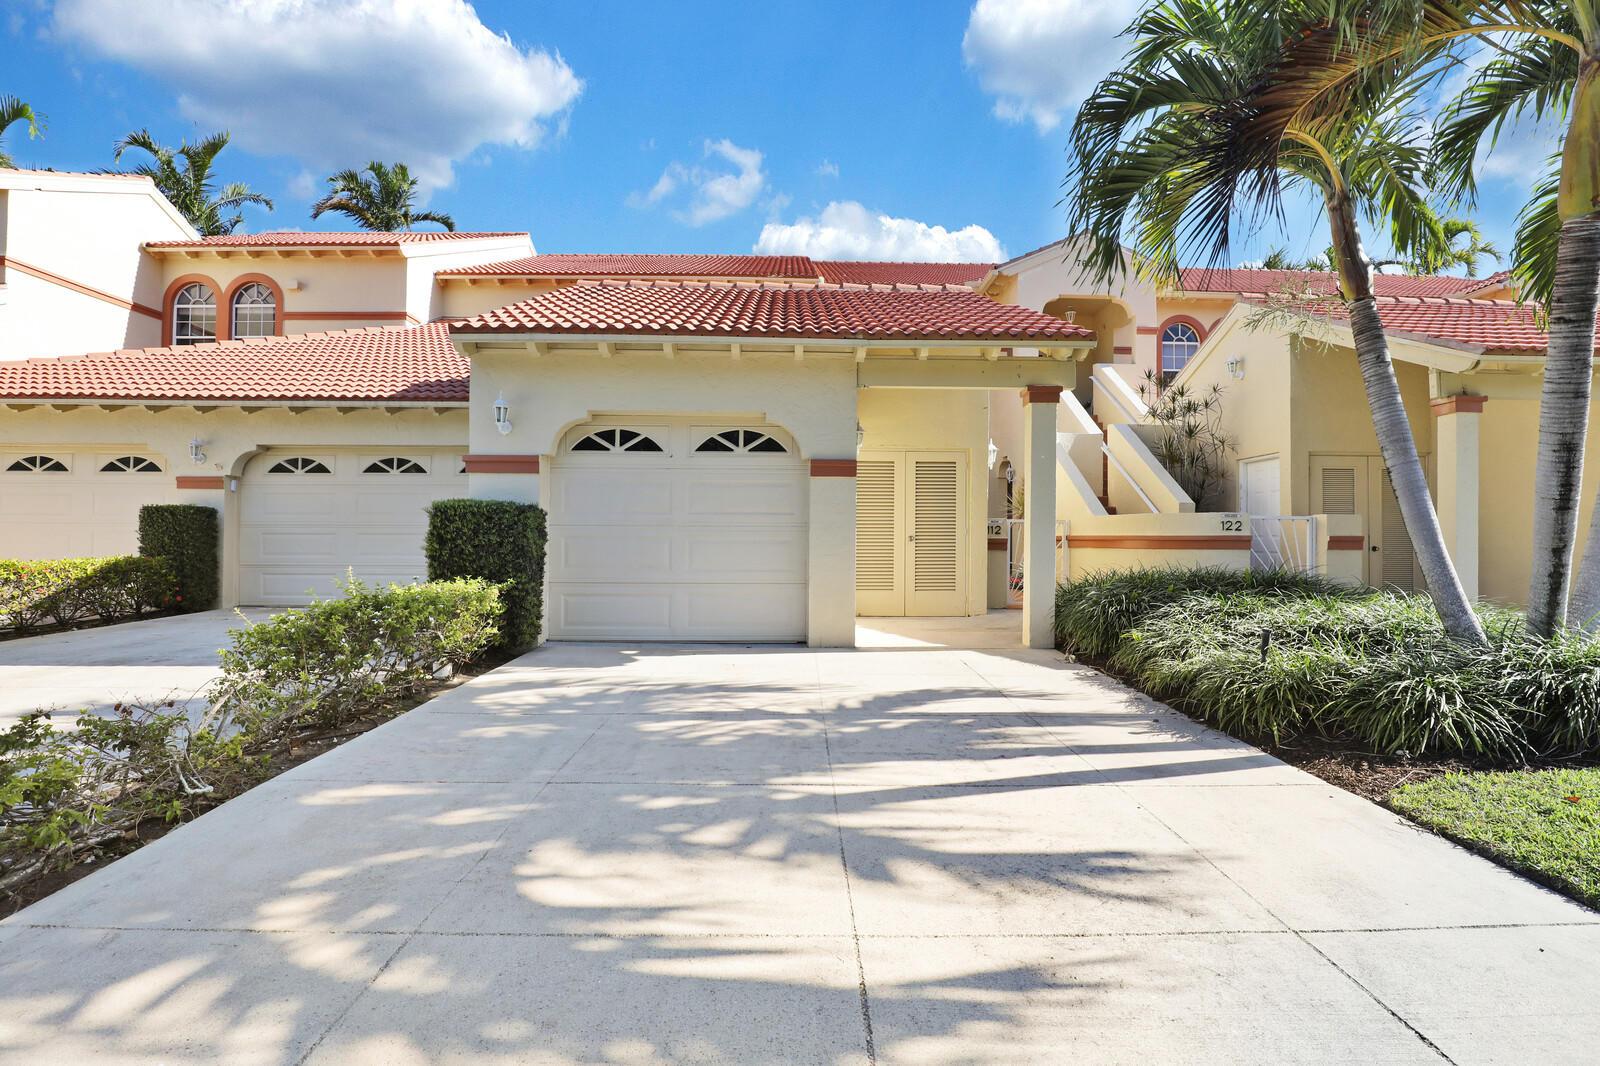 7601  Mackenzie Court 112 For Sale 10707268, FL